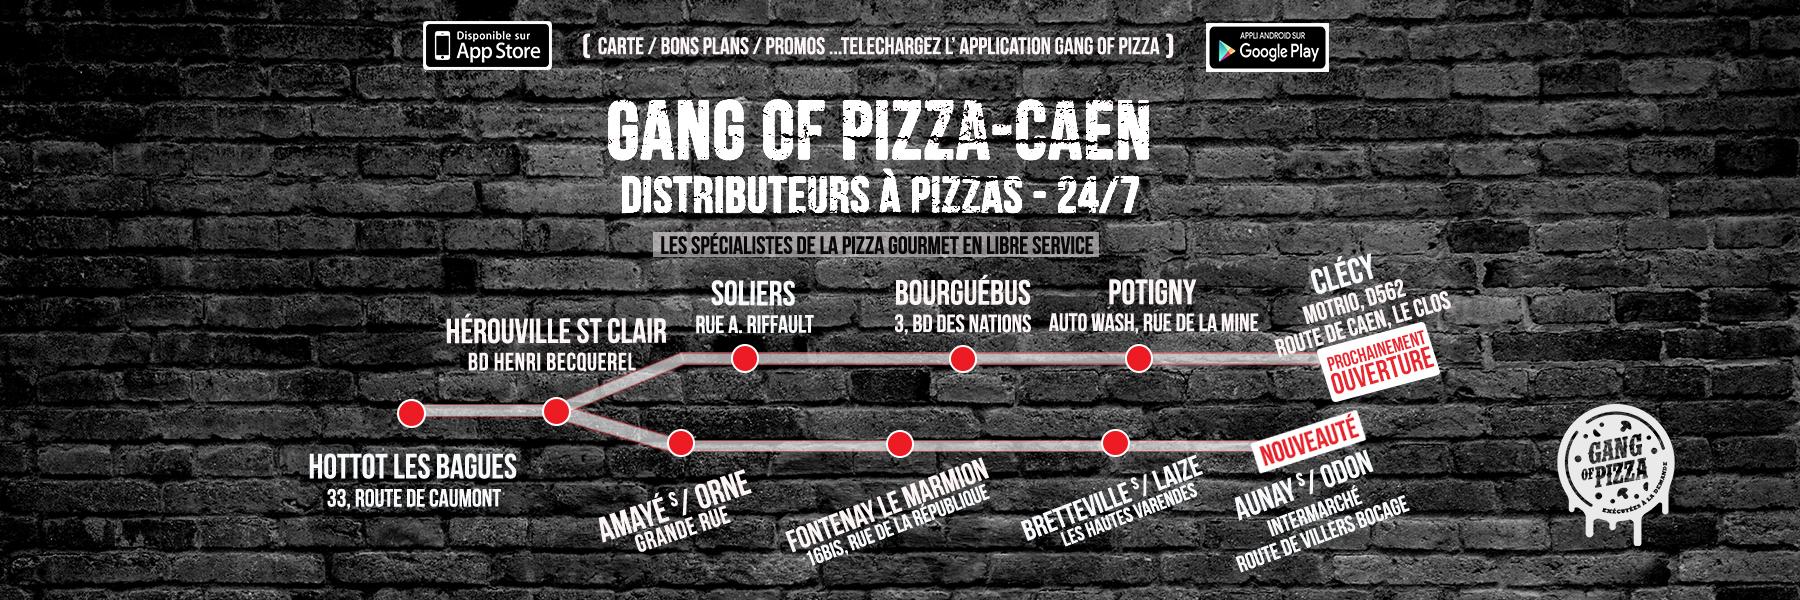 distibuteur-pizza-gang-of-pizza-caen-herouville-st-clair-hottot-les-bagues-amaye-sur-orne-fontenay-le-marmion-bretteville-sur-laize-aunay-sur-odon-clecy-potigny-bourguebus-soliers--pizzas-24-7